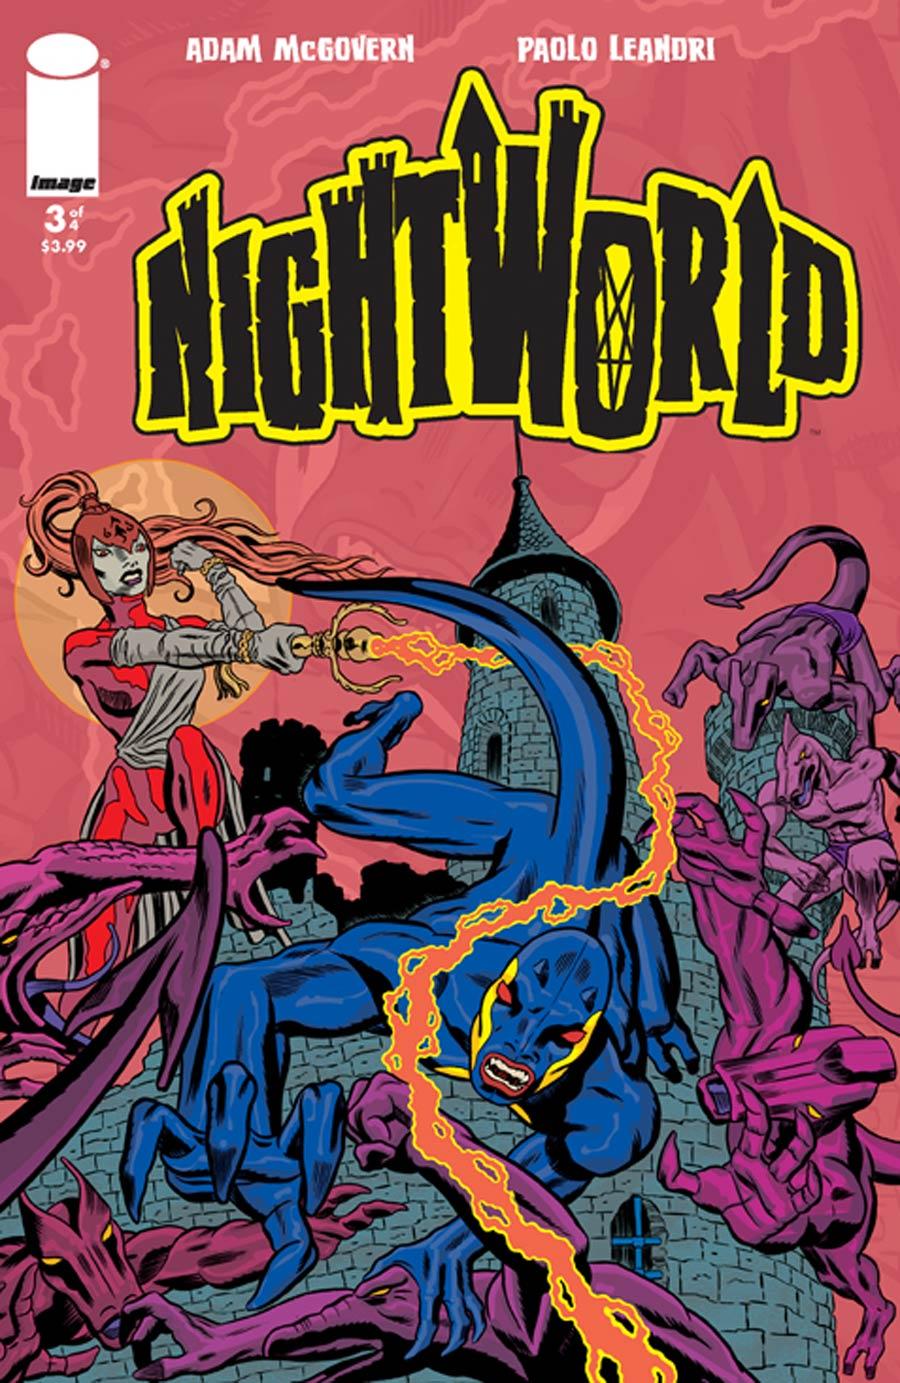 Nightworld #3